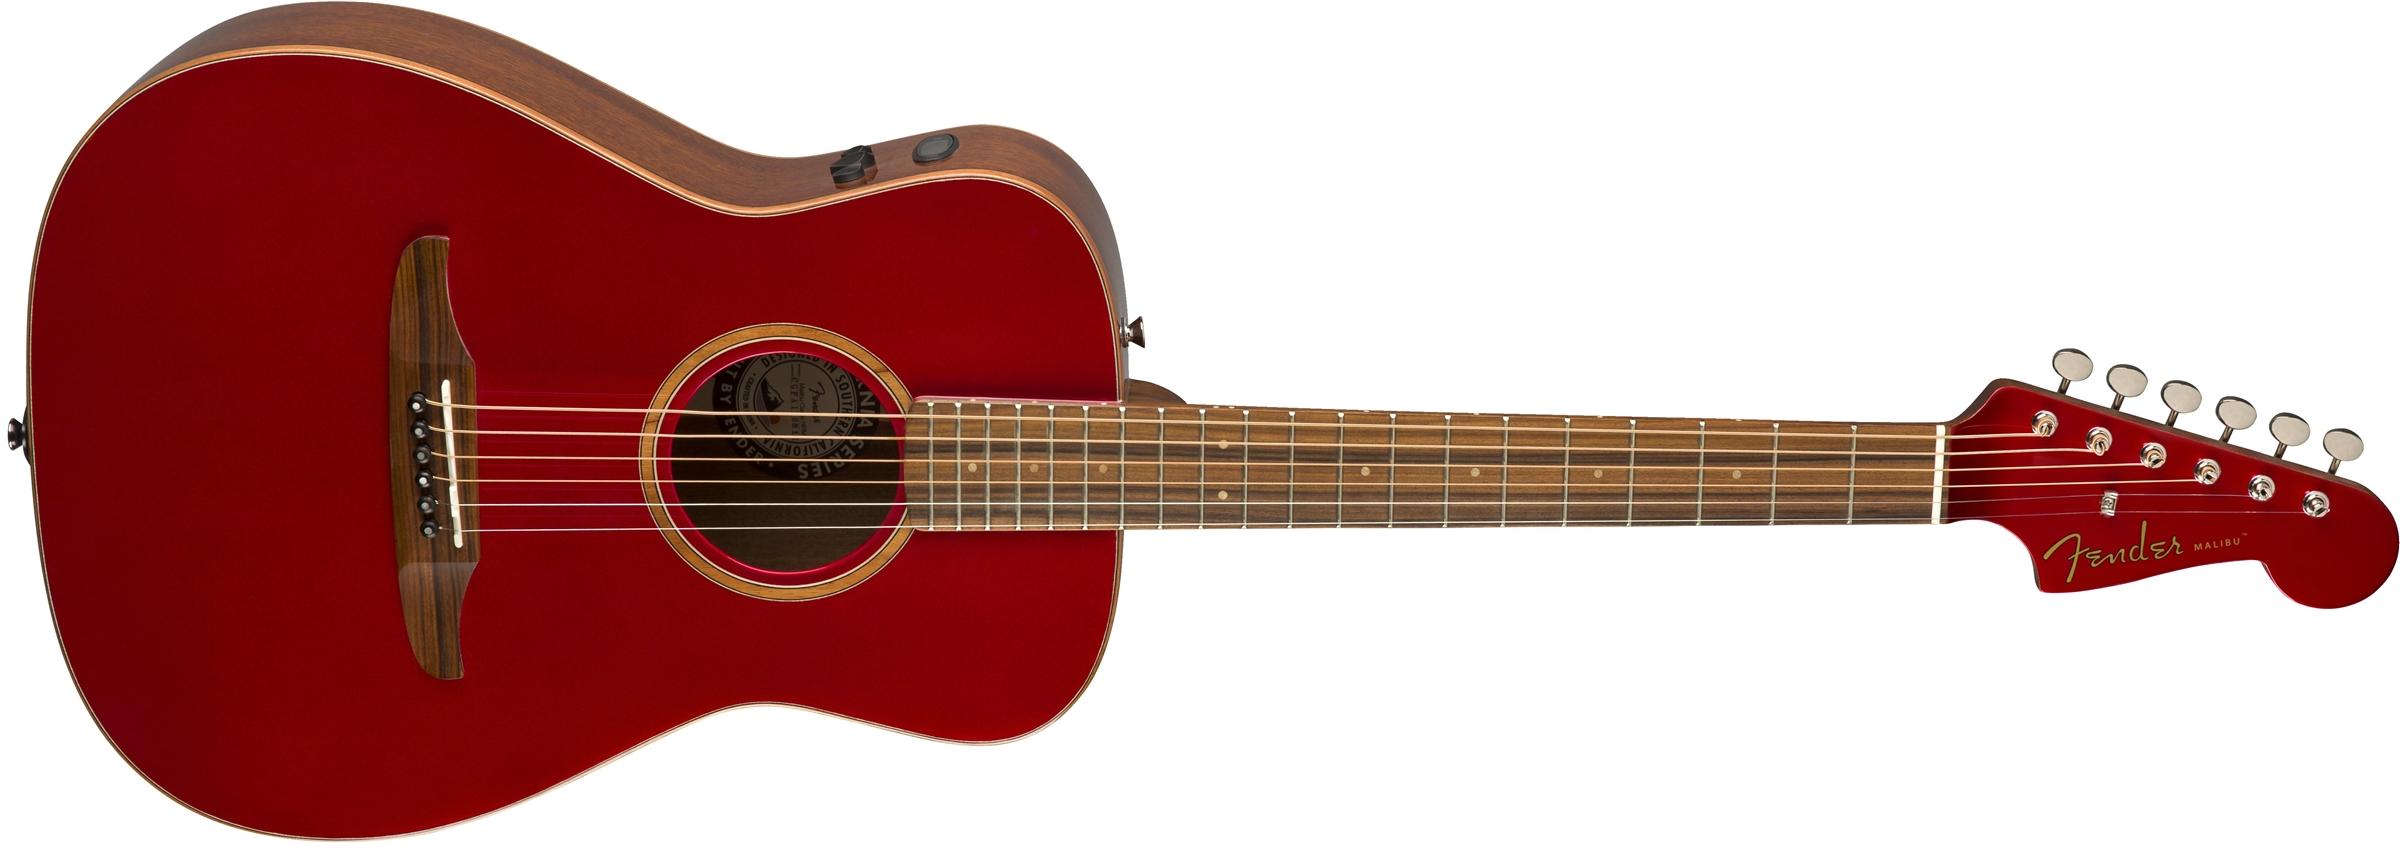 Malibu Classic Acoustic Guitars